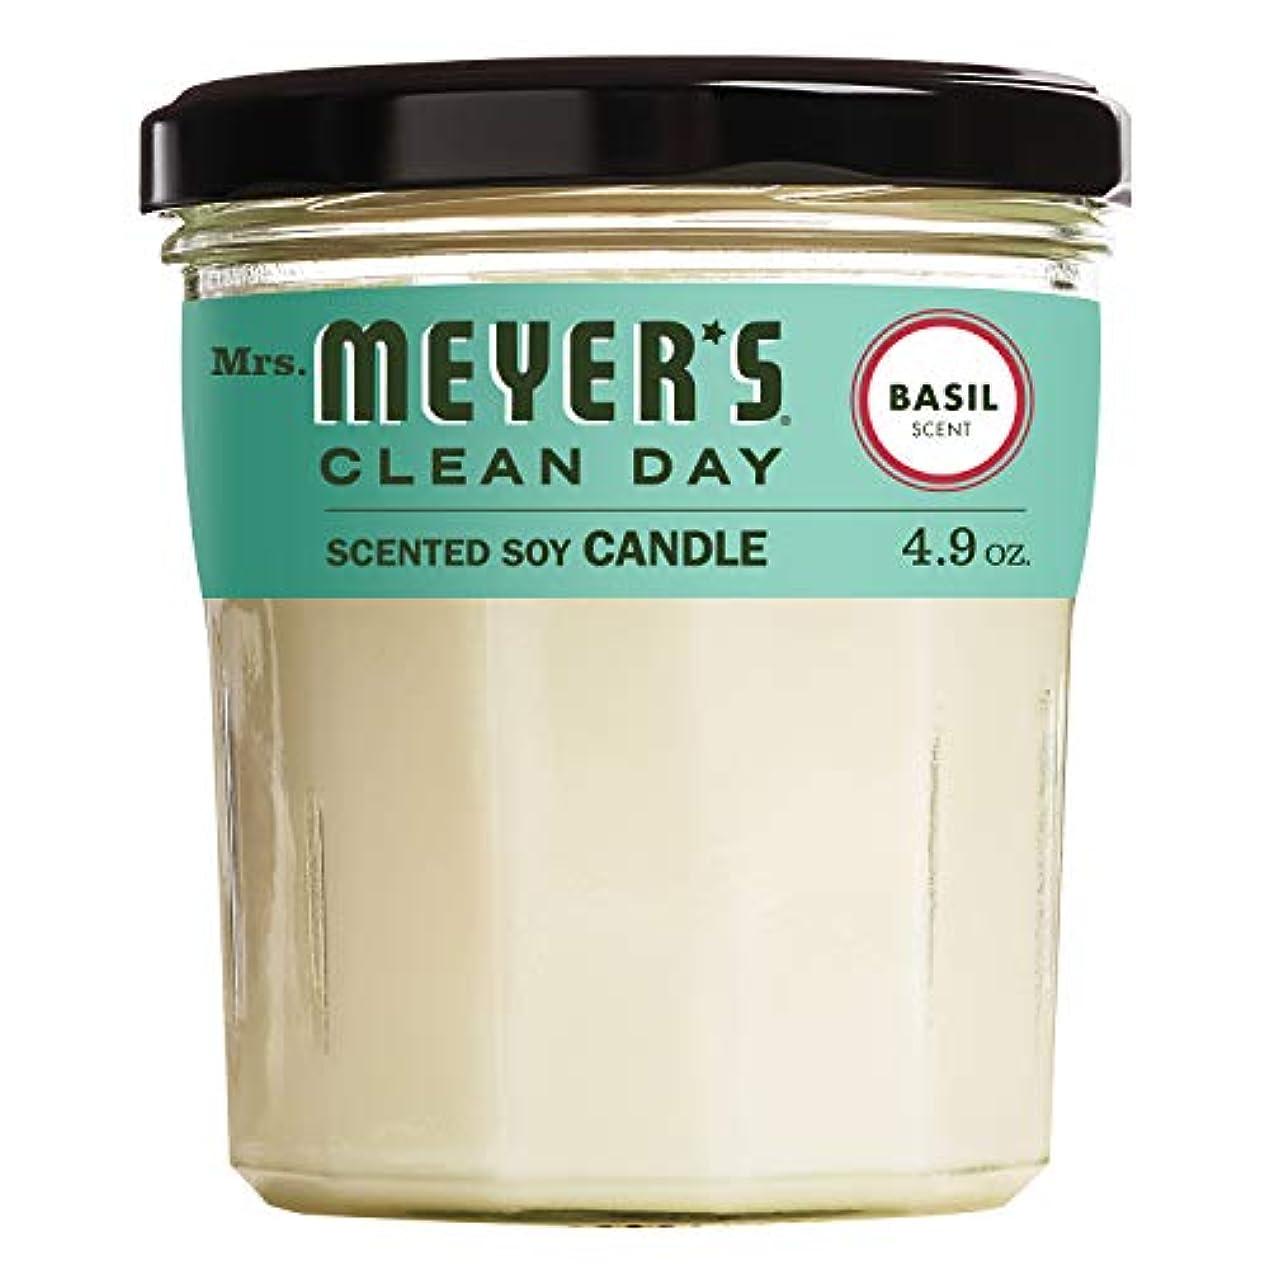 買うアノイ右MRS MEYERS Clean Day Scented Soy Candle Basil, Small, 4.9 Ounce by Mrs. Meyers